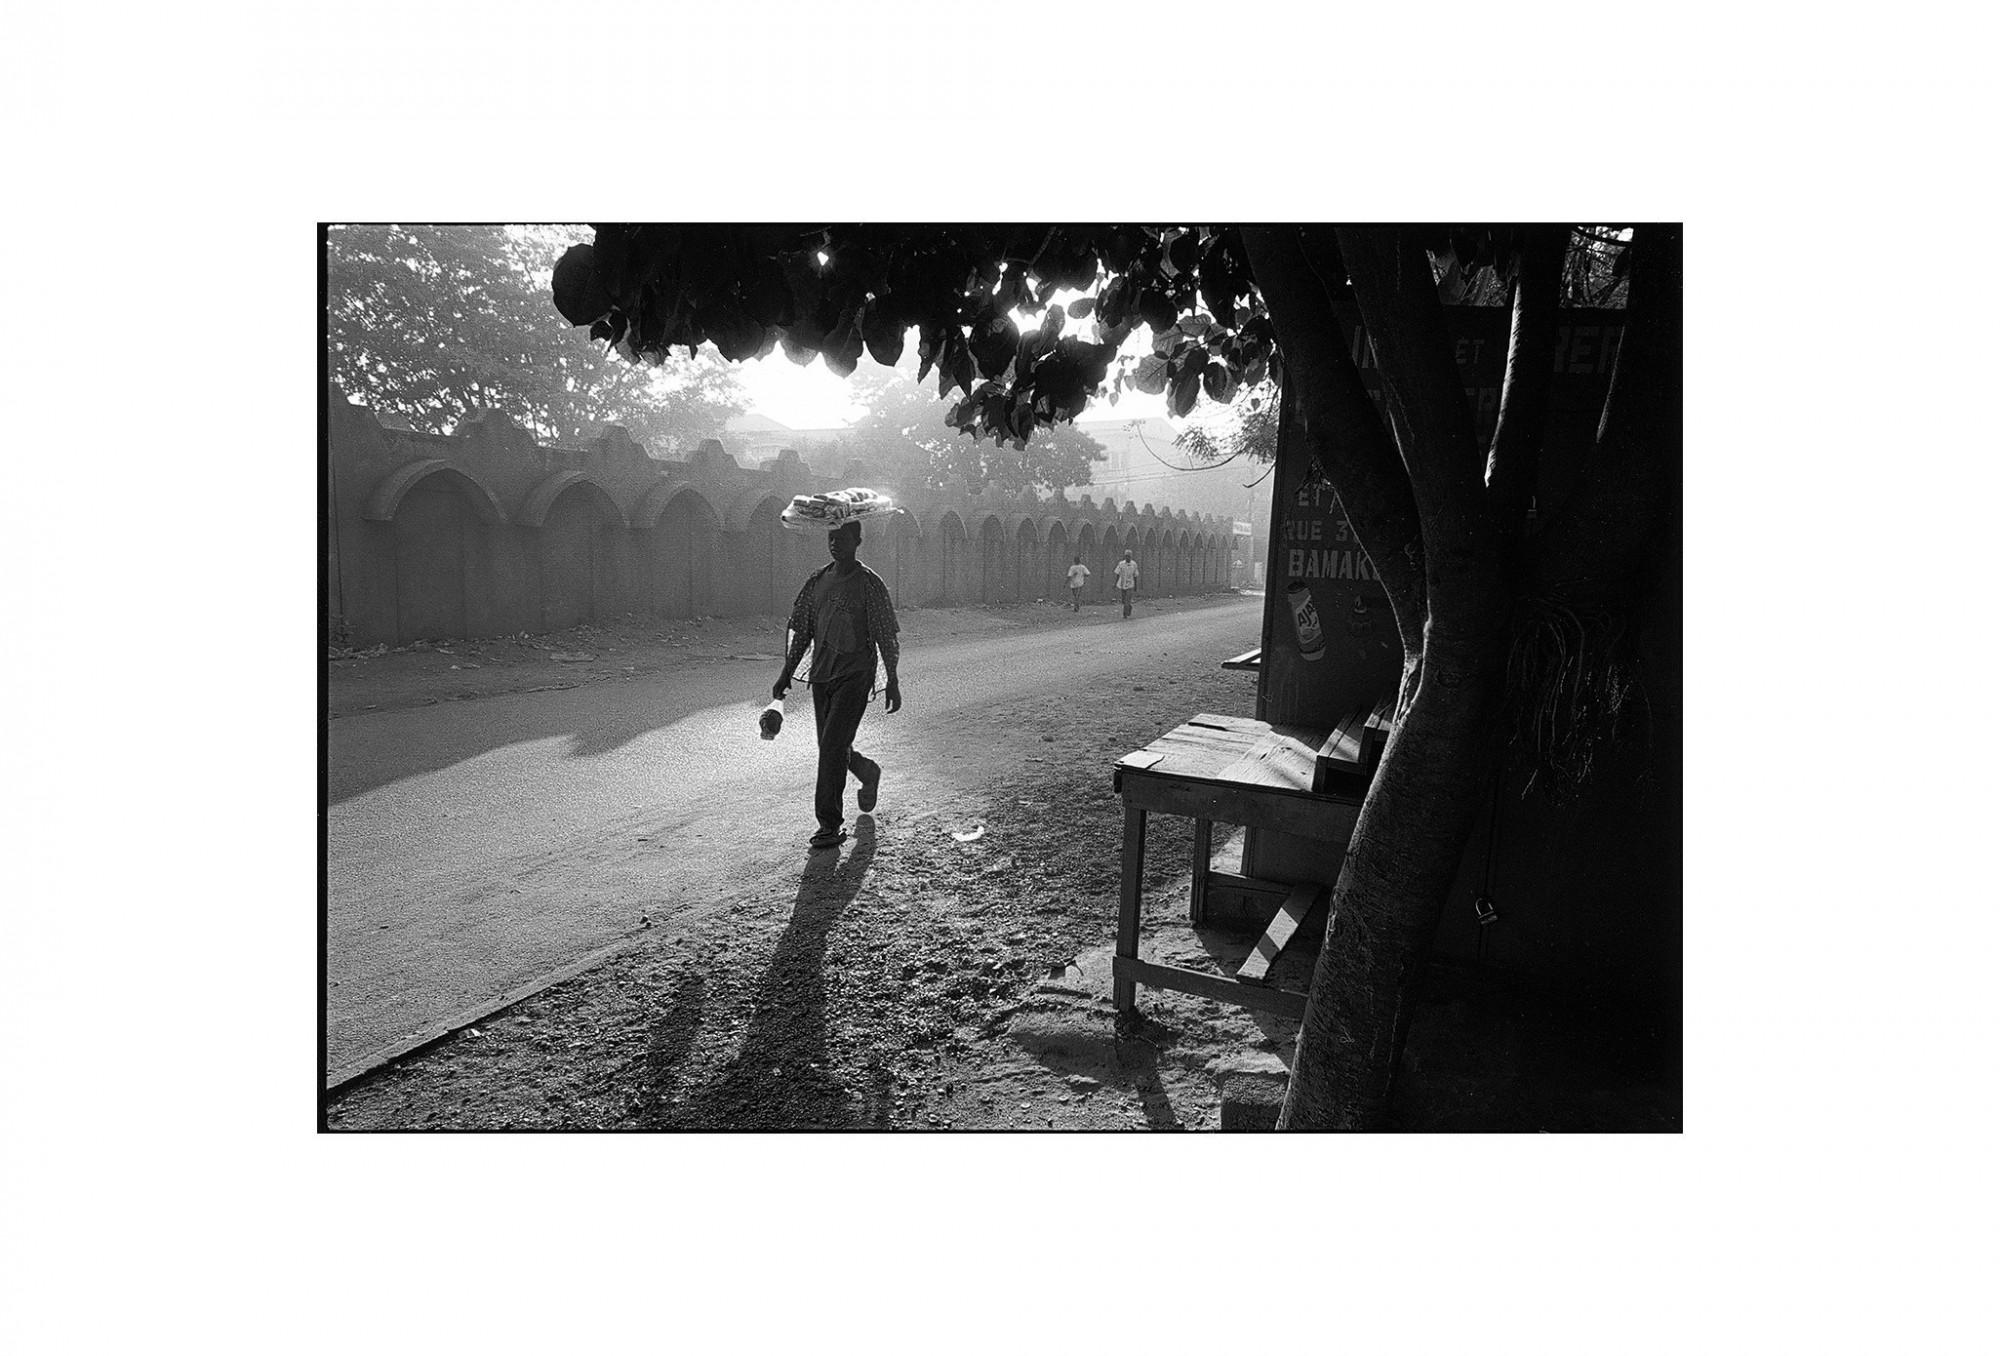 Afbeelding: Fotografie - Art, uit de reeks : De kleur van zwart. Mali, 98-01-16, © Dominique Van Huffel.